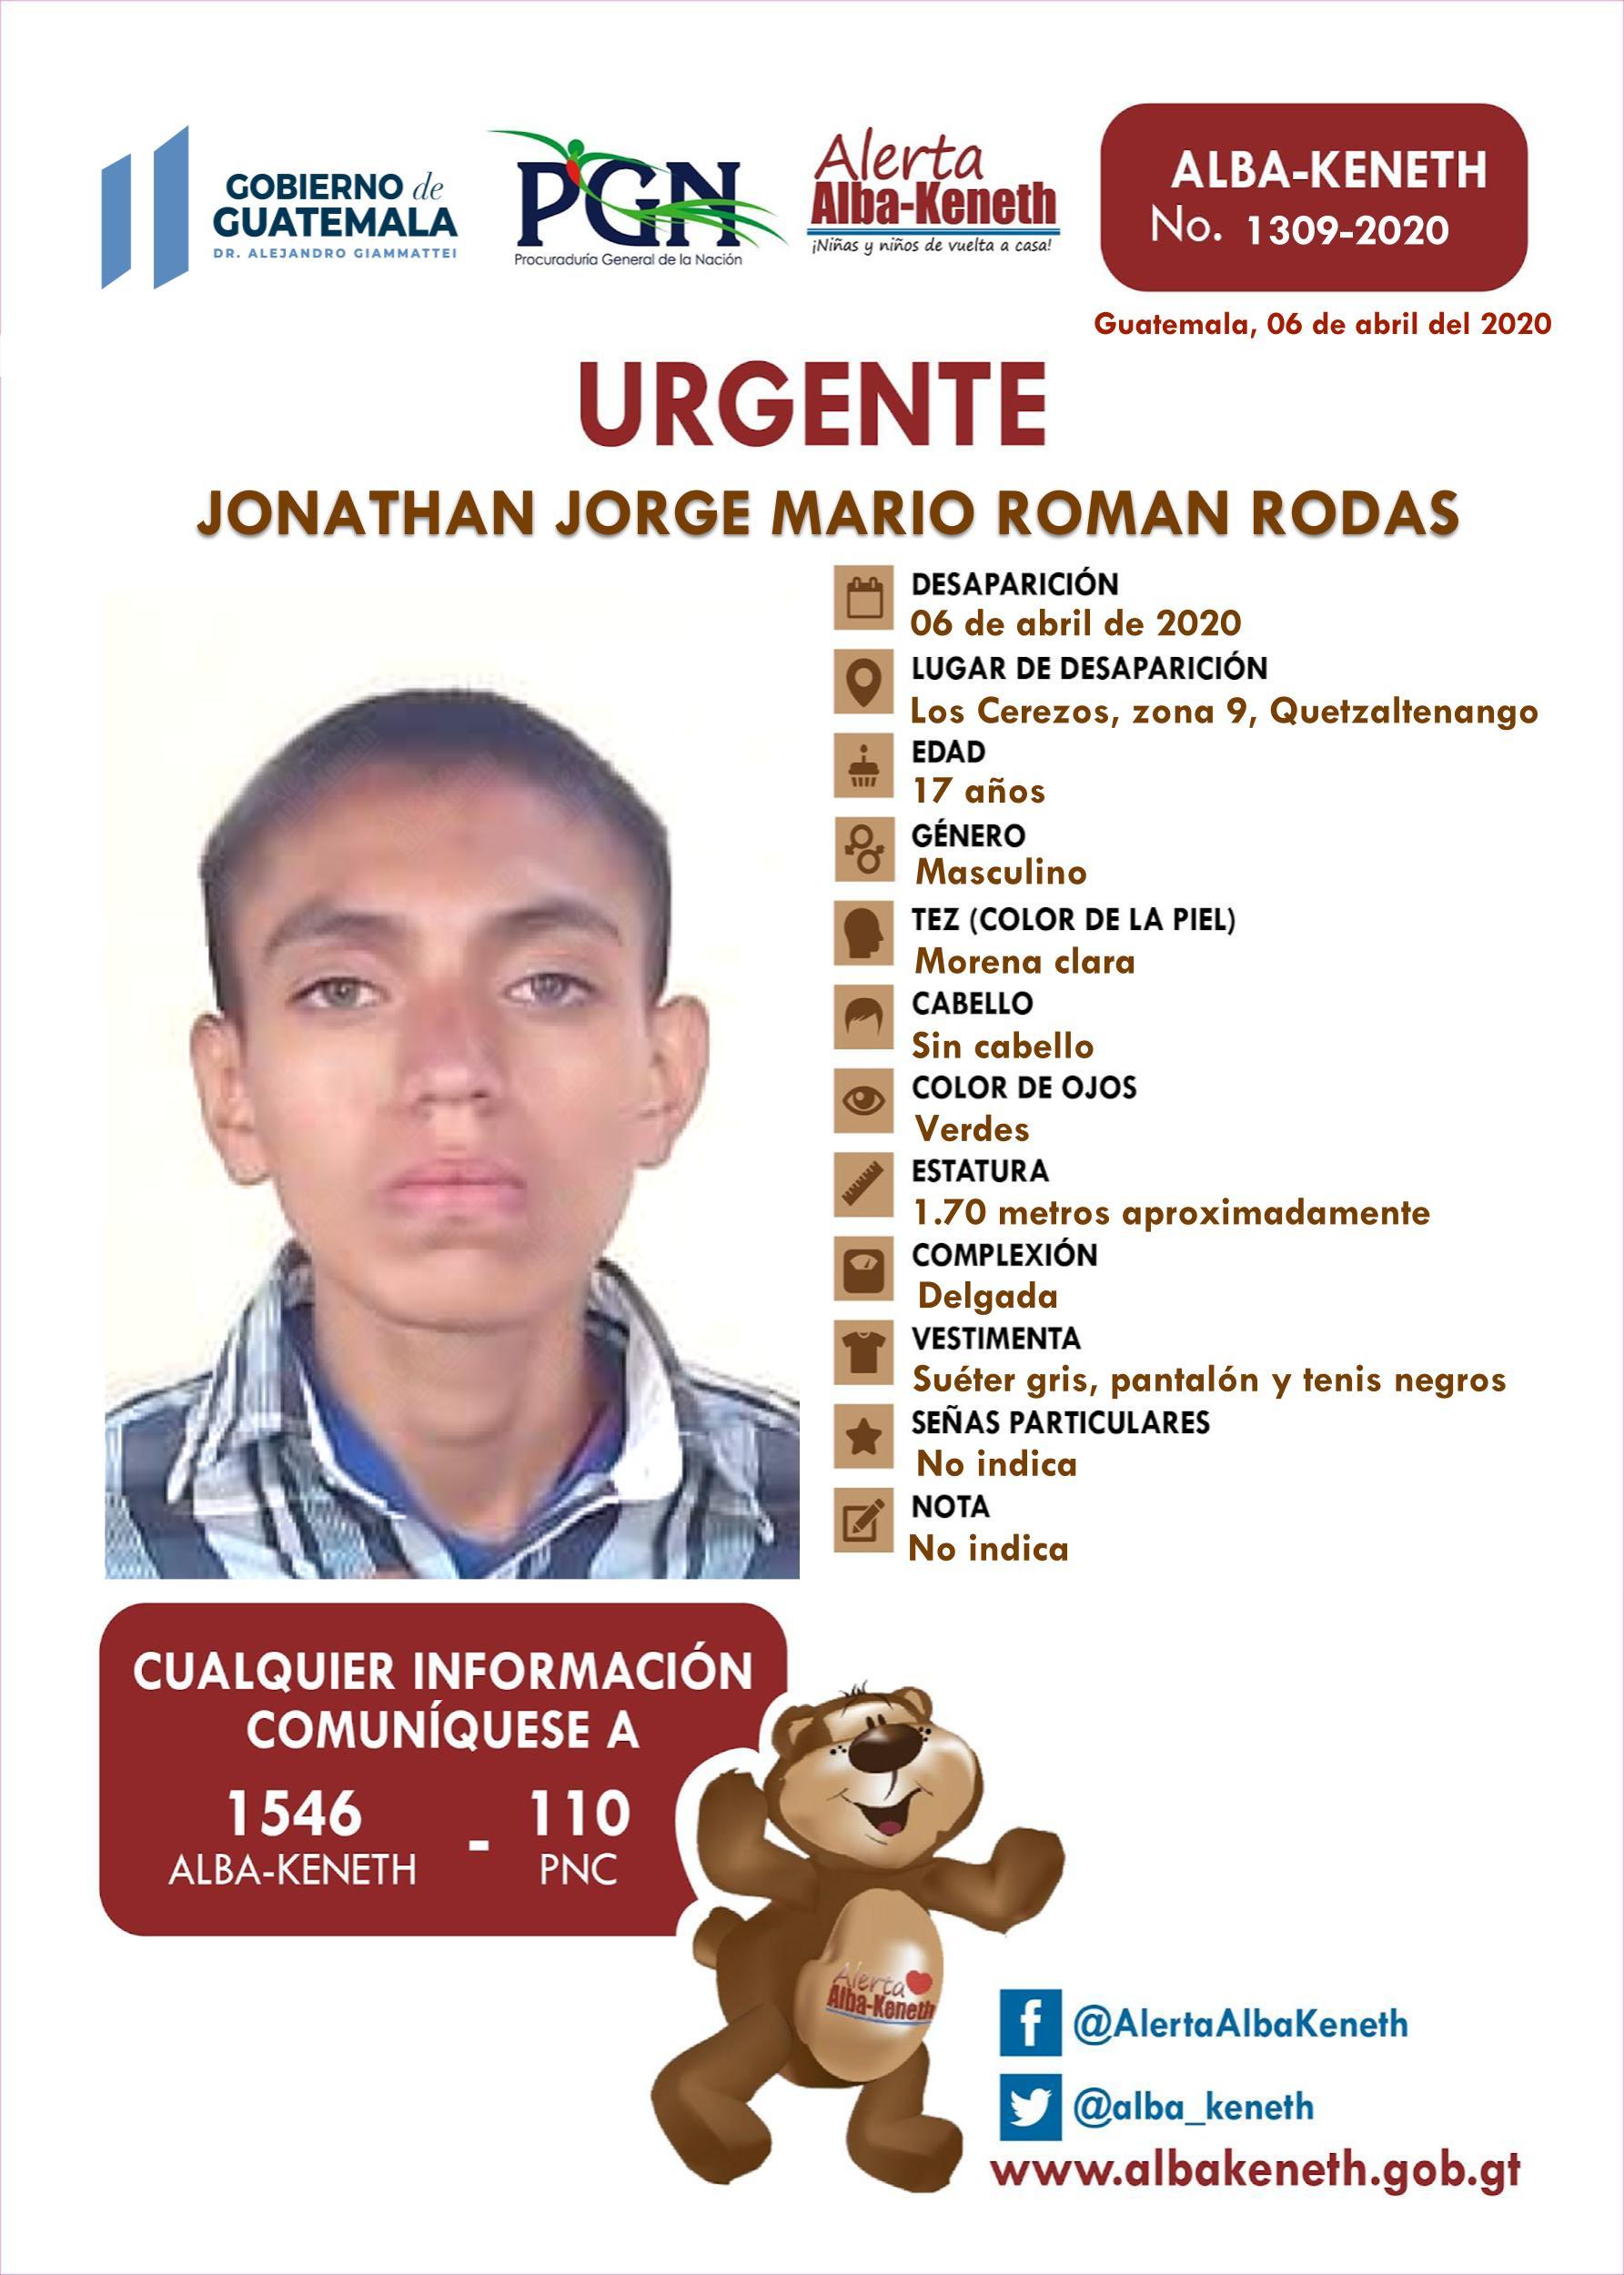 Jonathan Jorge Mario Romas Rodas